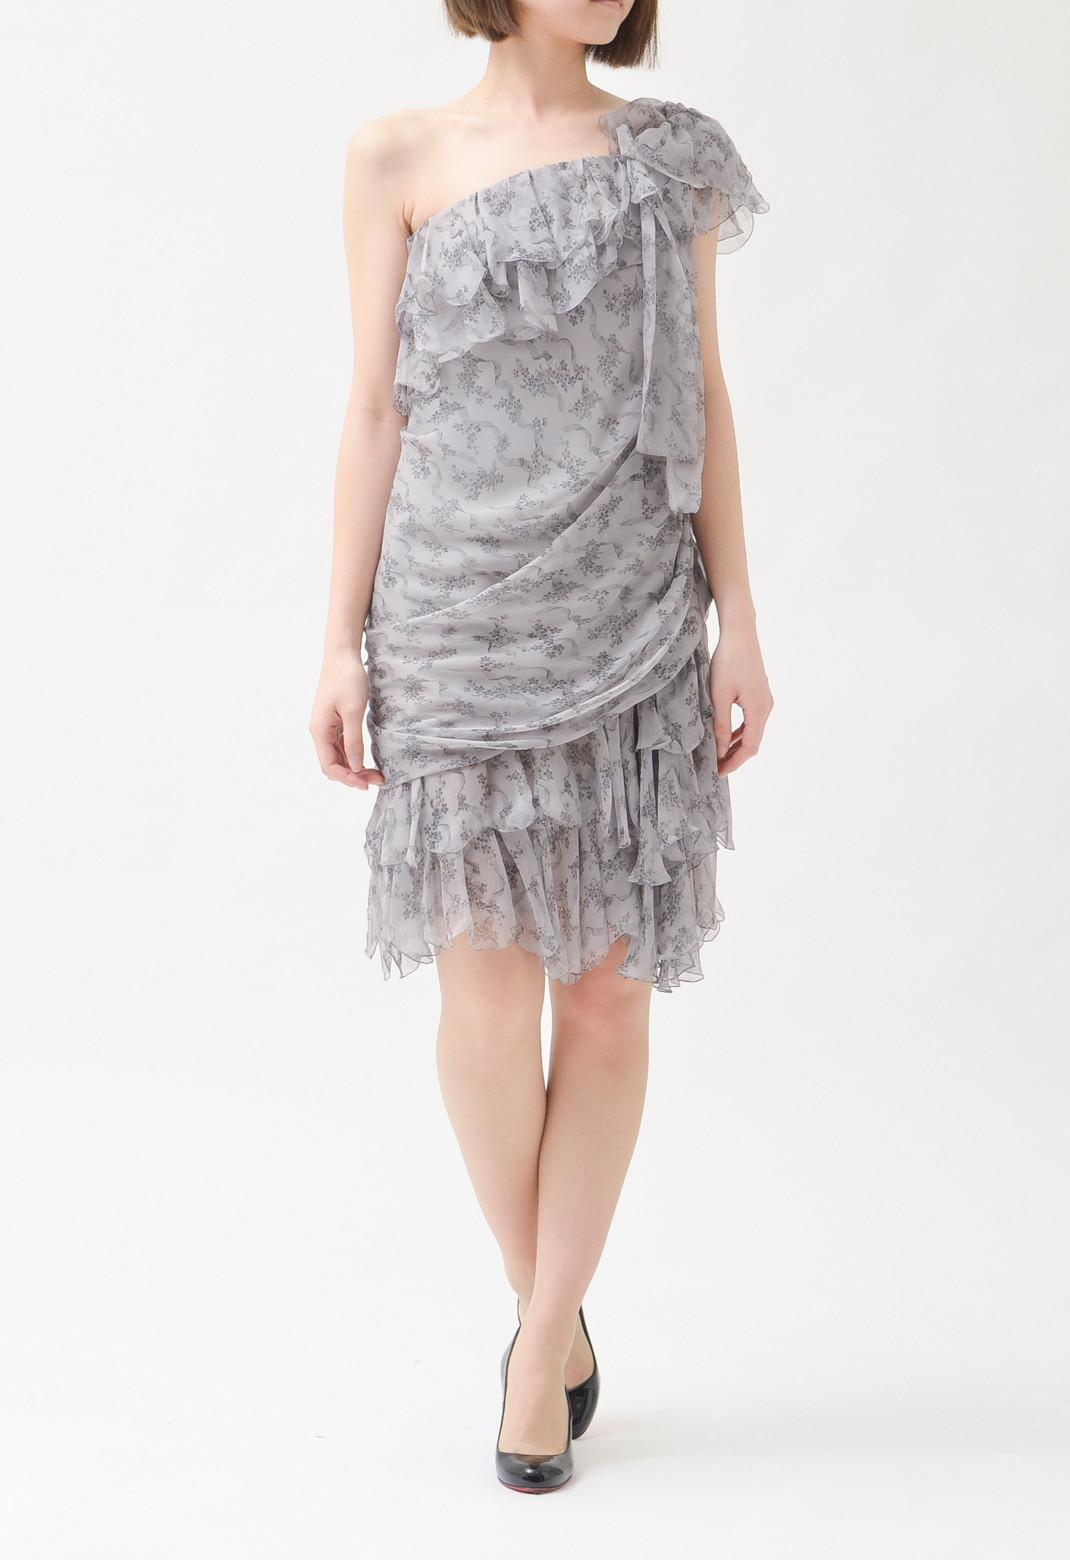 ディオール 小花プリント シルクシフォン ワンショルダー ドレス